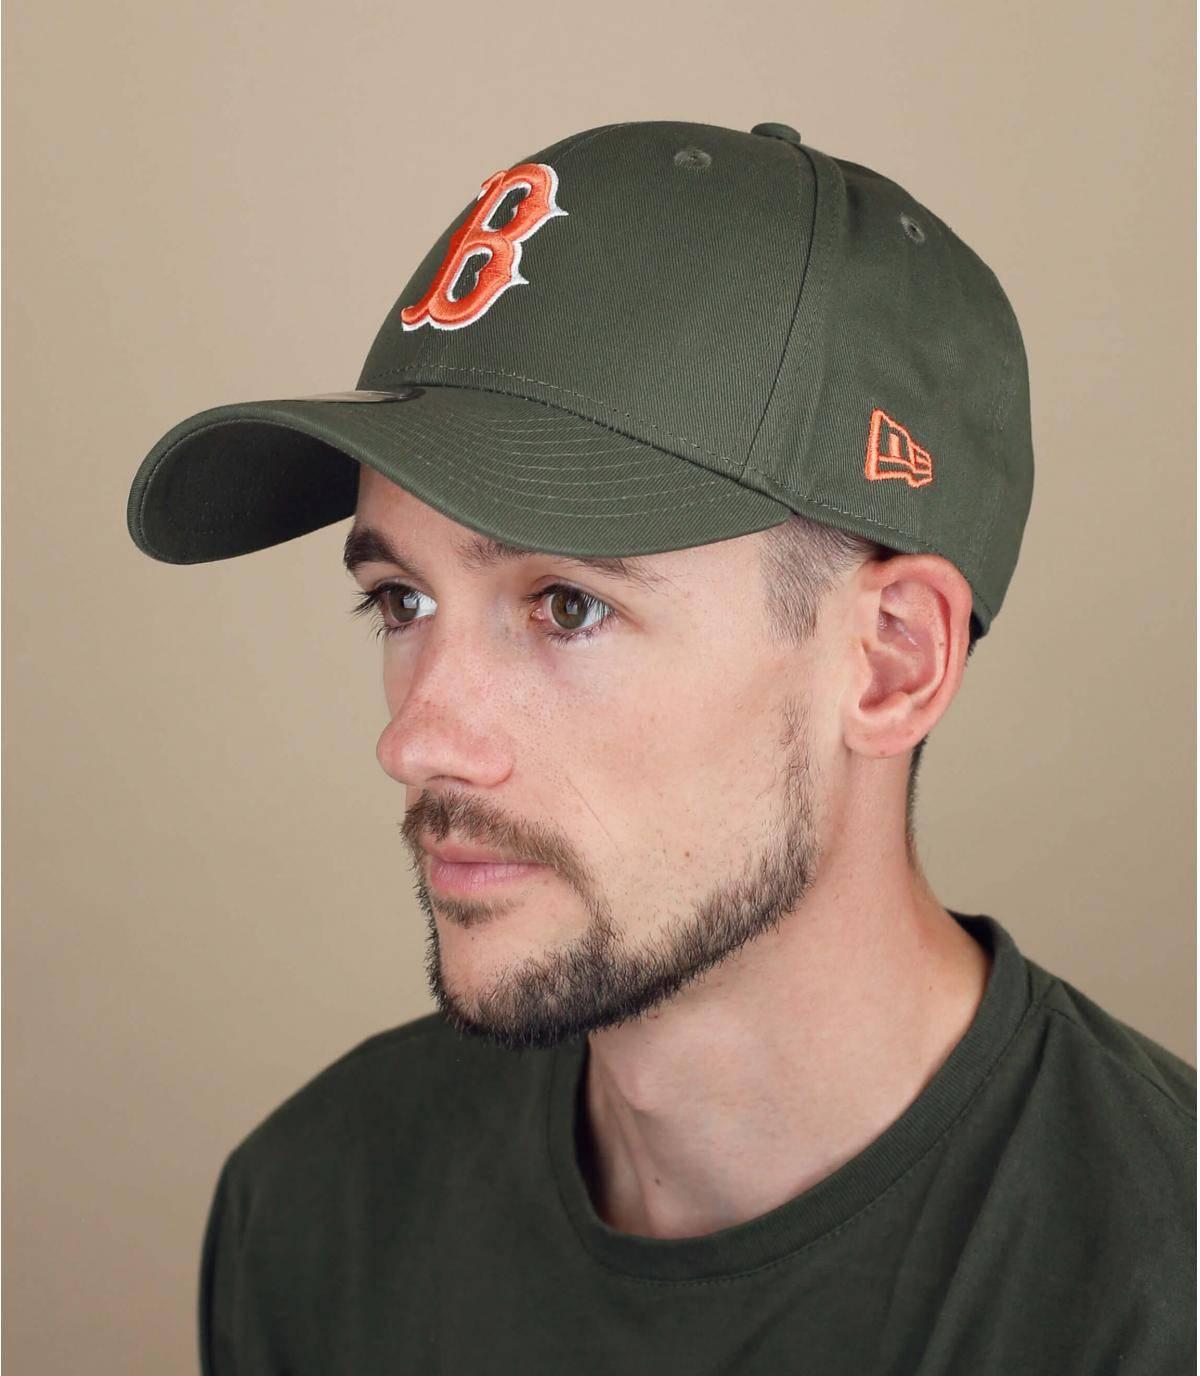 gorra B verde